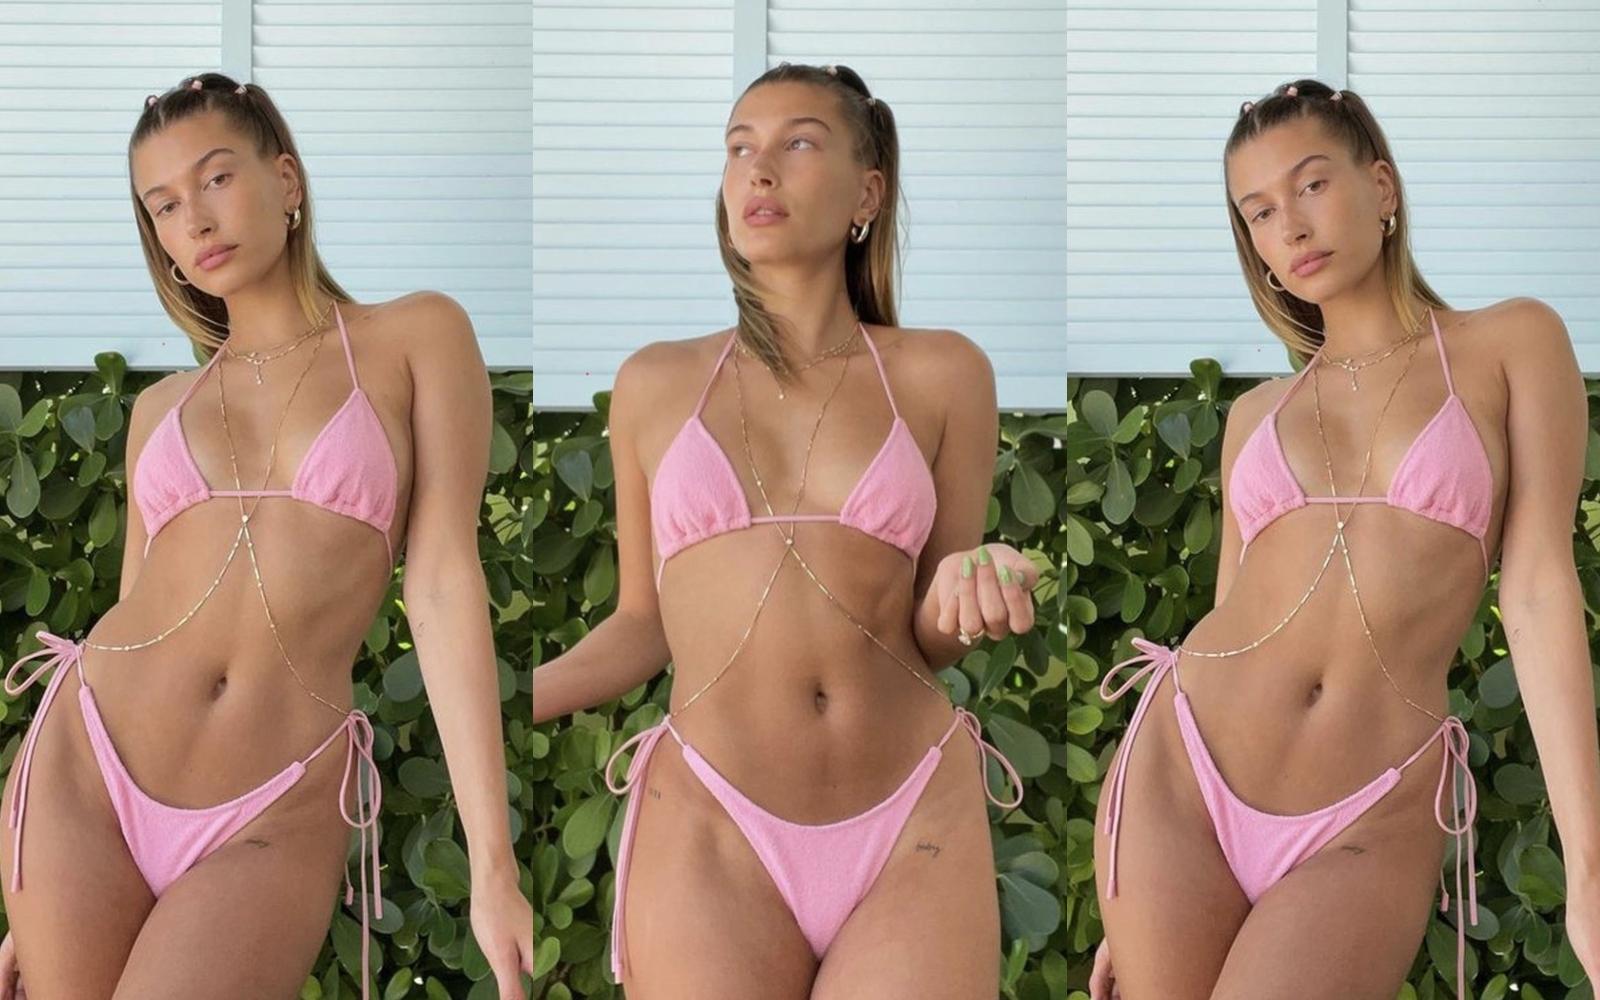 Hailey Bieber șochează la plajă! Valoare totala: 530.000 dolari